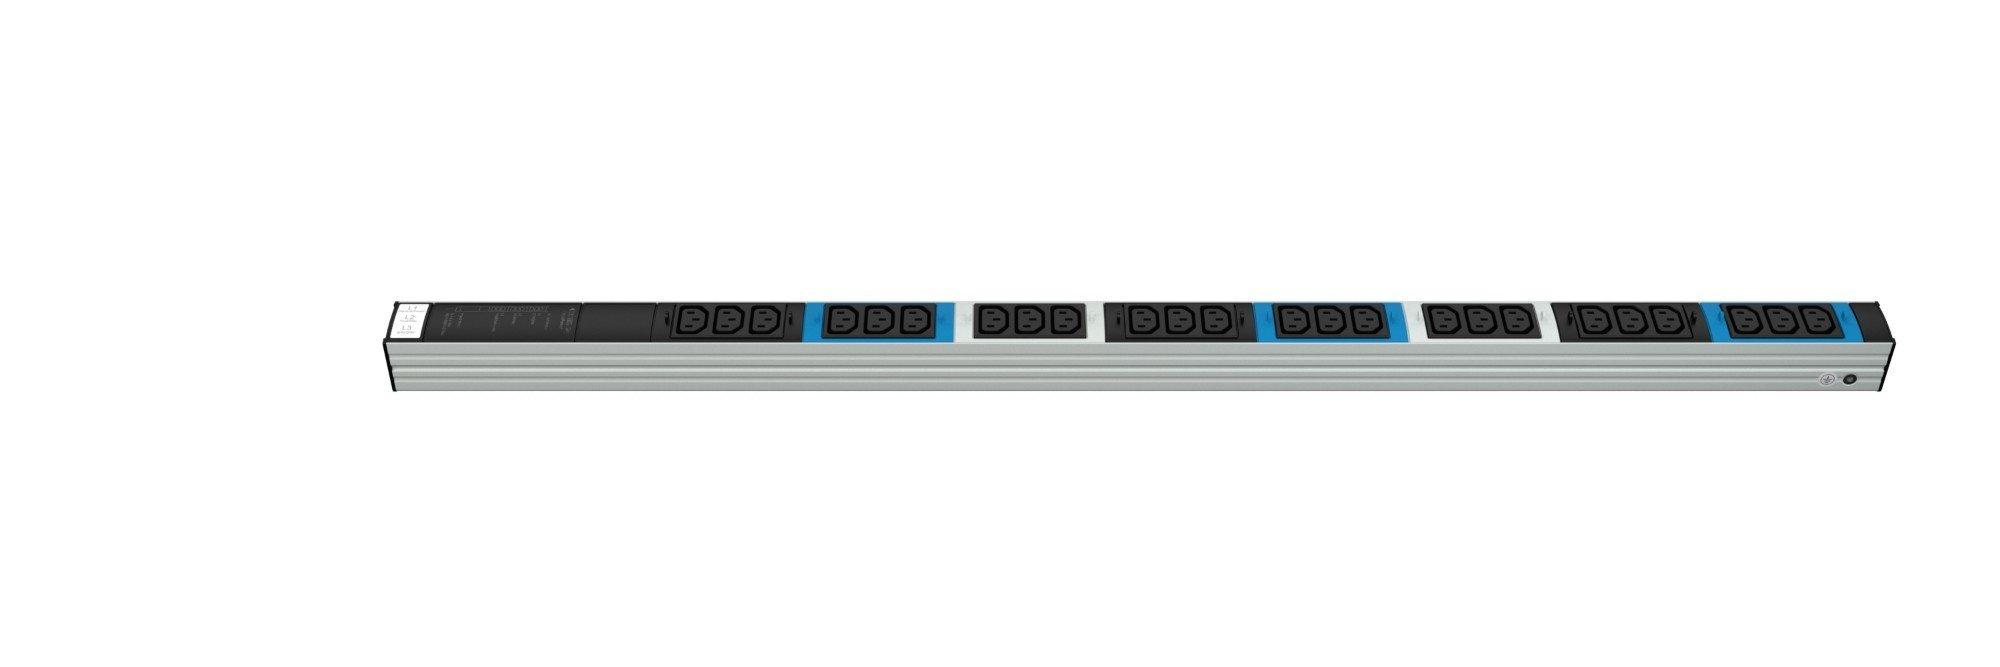 An image of Vertiv Knurr dis rack pdu, tripplepower, 0u, input ohne 230/400v 3x16a, outputs ...